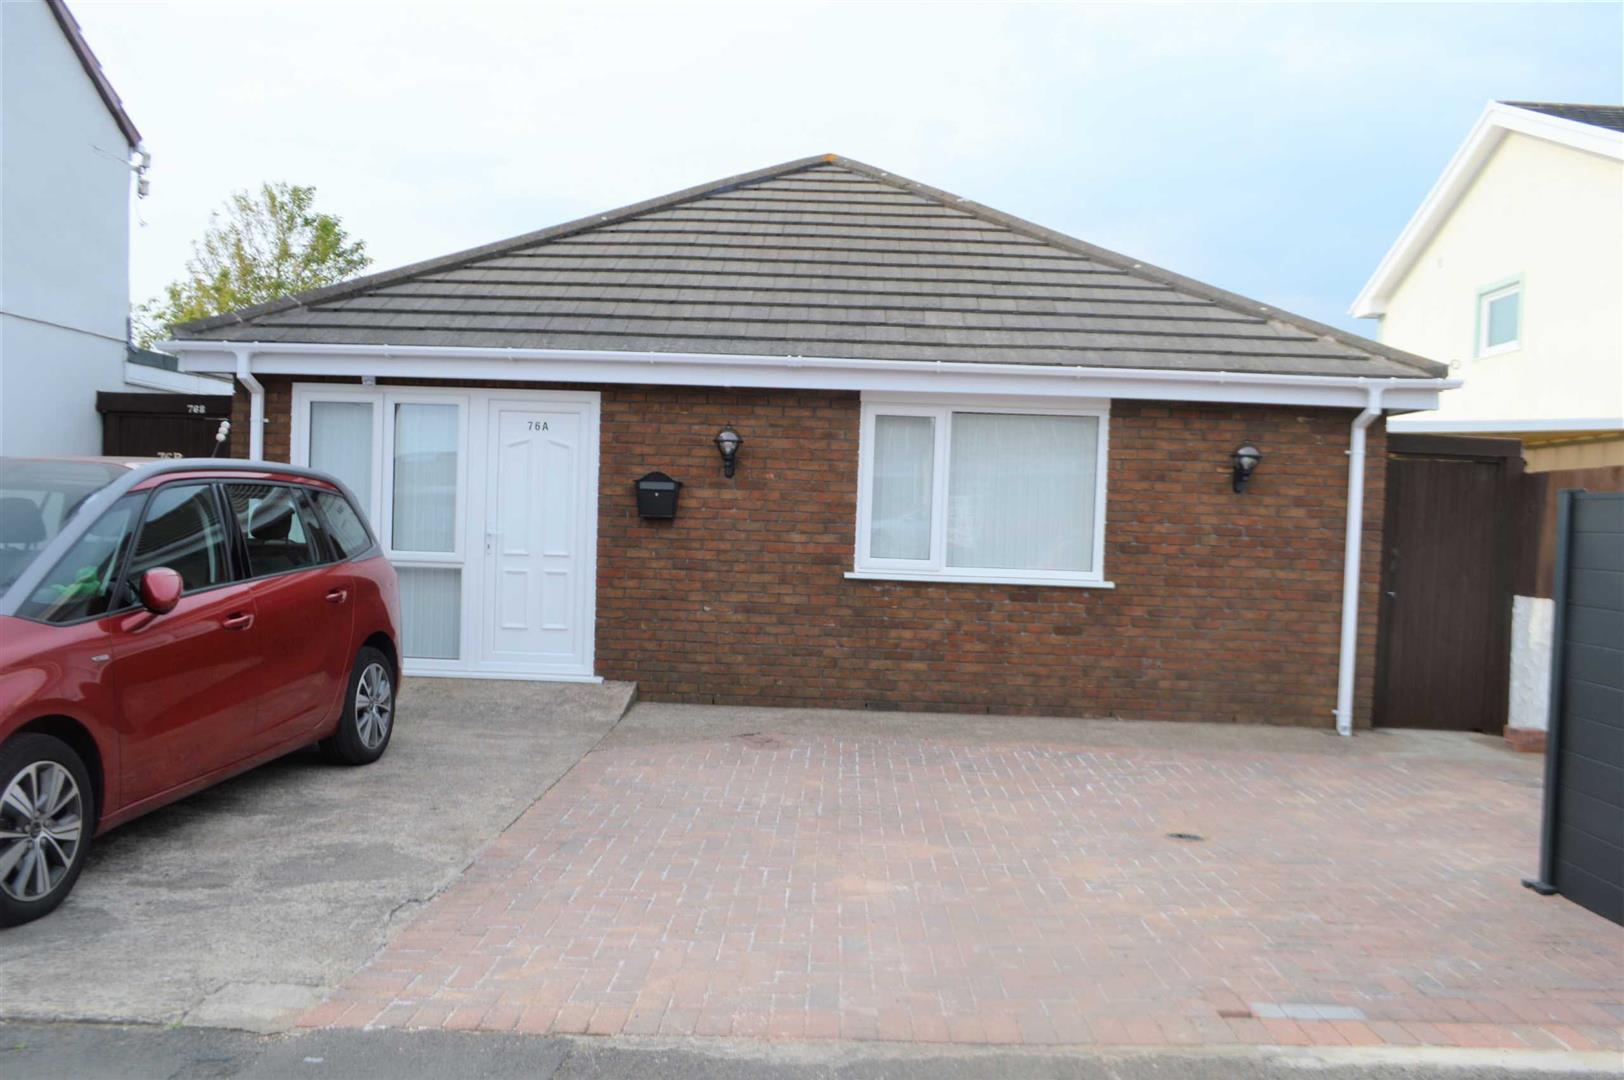 Glebe Road, Loughor, Swansea, SA4 6SR